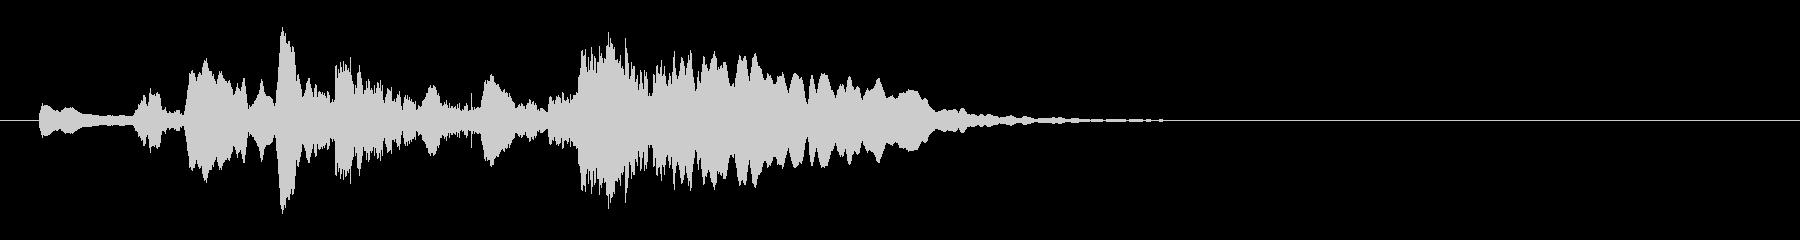 しっとりほのぼ口笛&ウクレレ5秒ジングルの未再生の波形